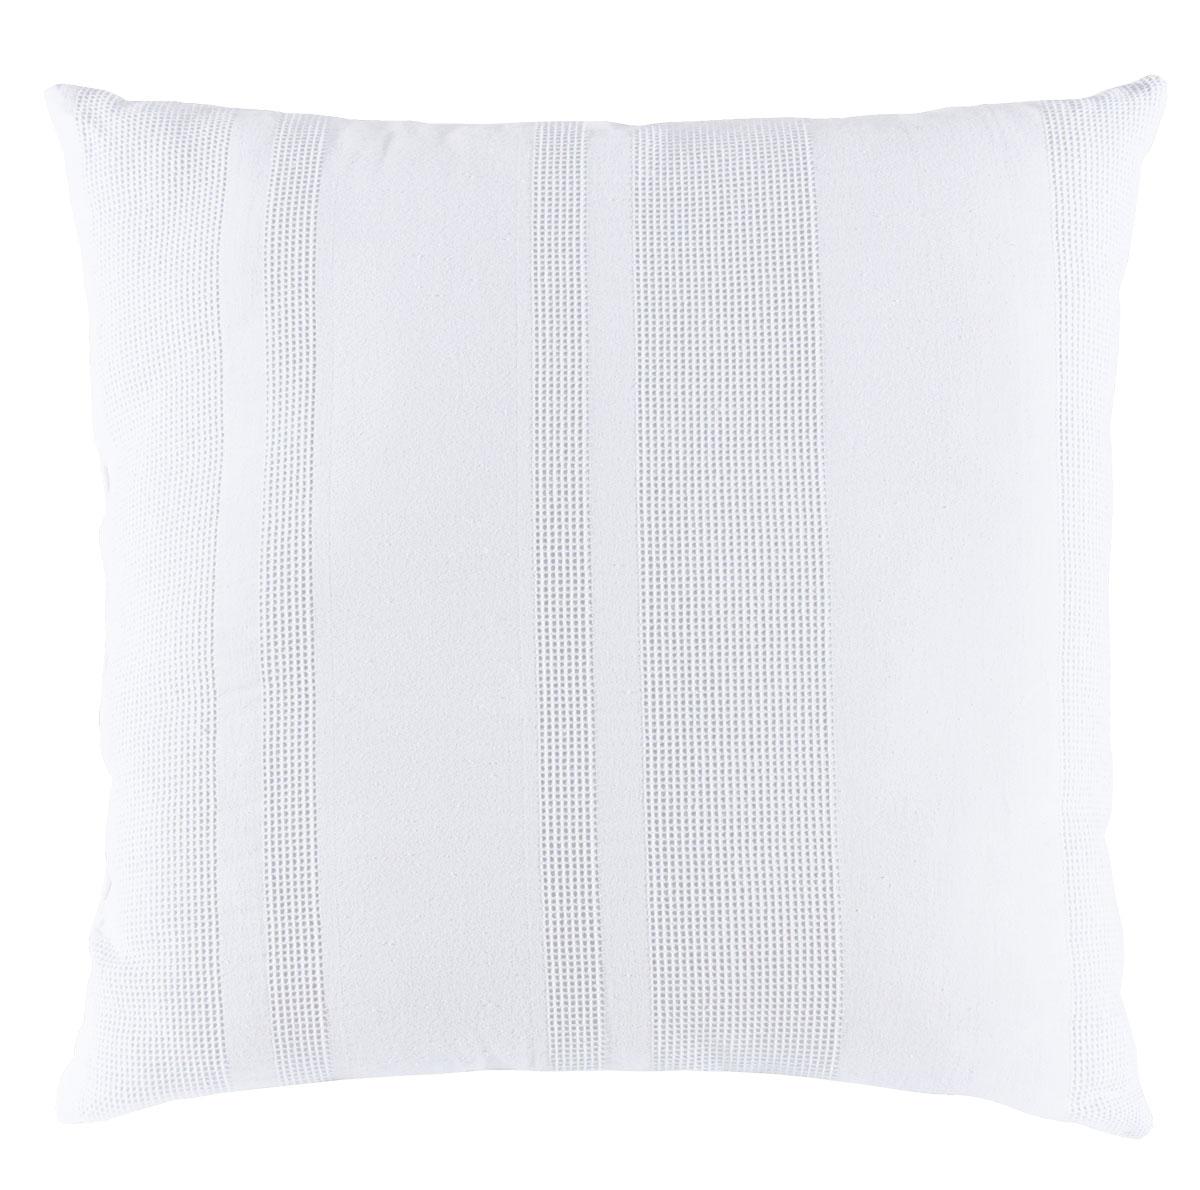 Подушка SPAtex, наполнитель: вискозное волокно, 70 х 70